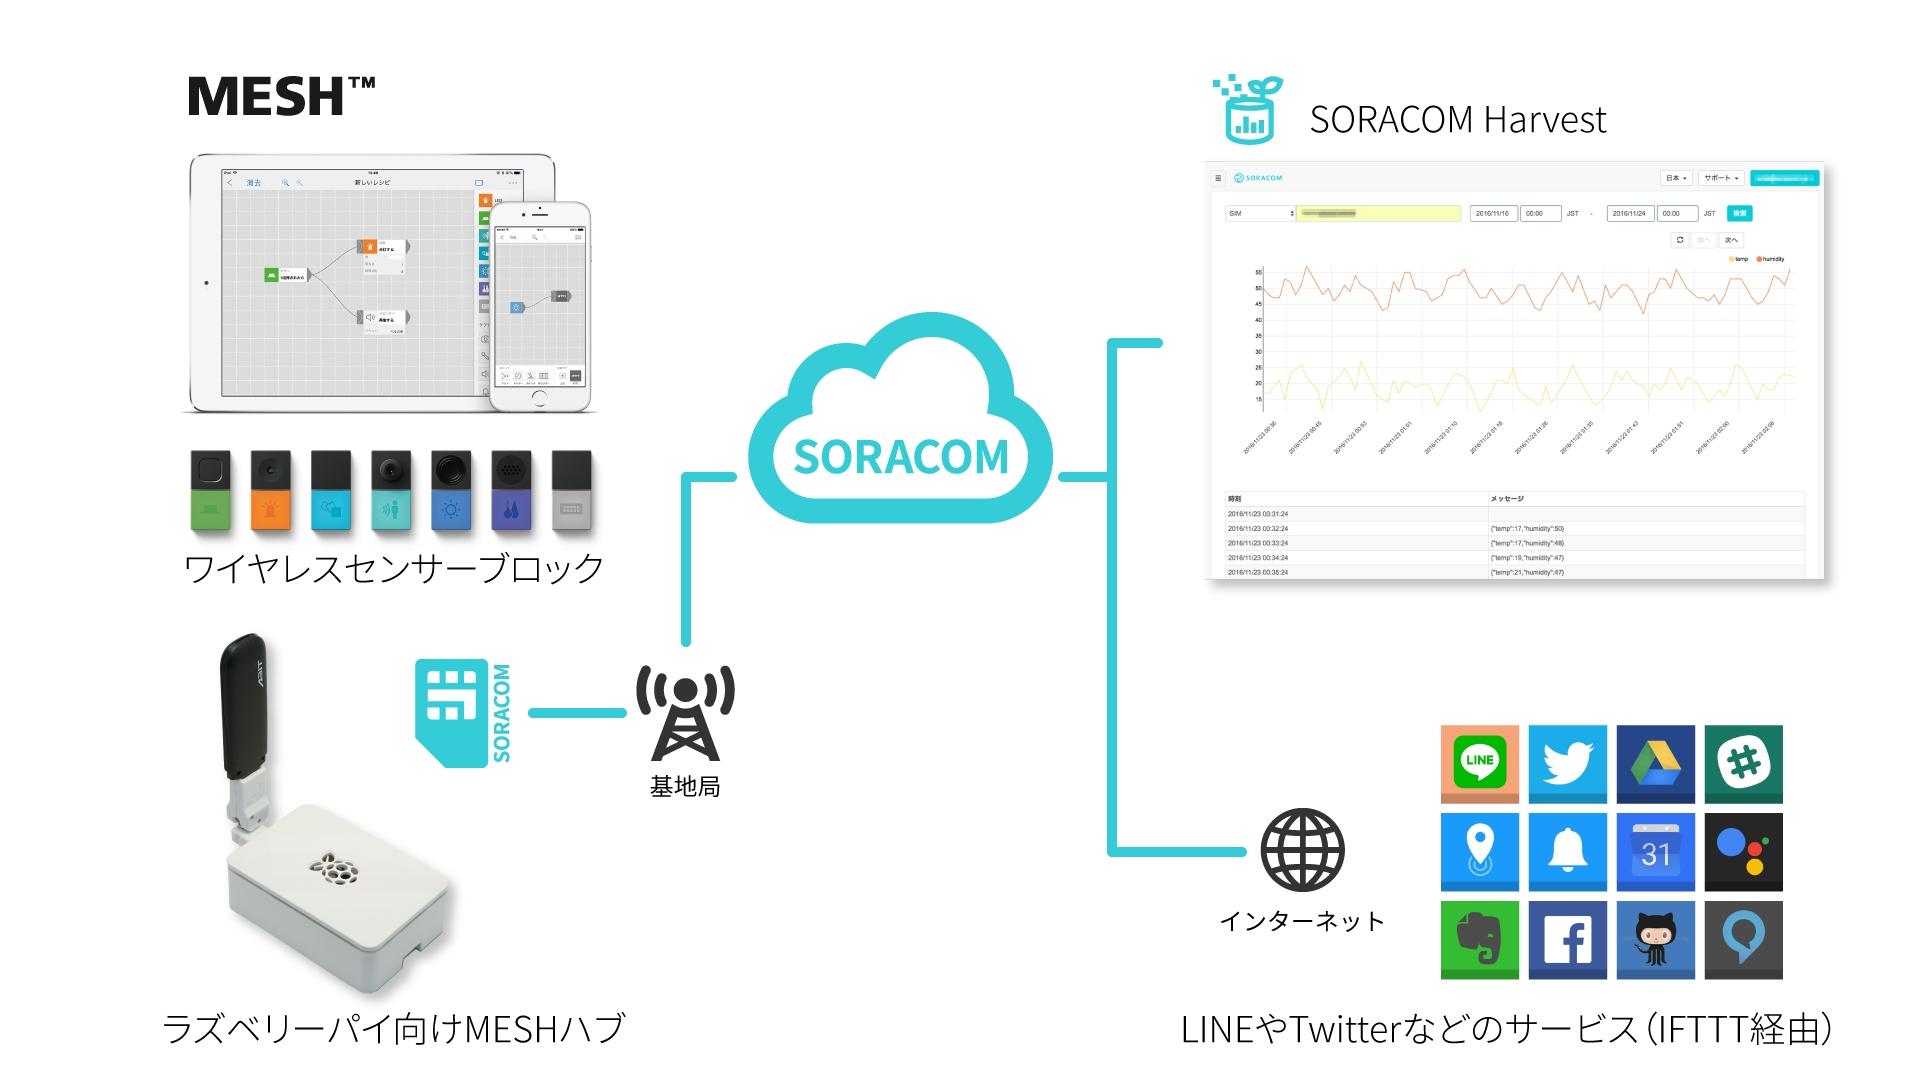 SORACOMアカウントの開設から、実際にMESHを利用して得られたセンシングデータの可視化までを体験